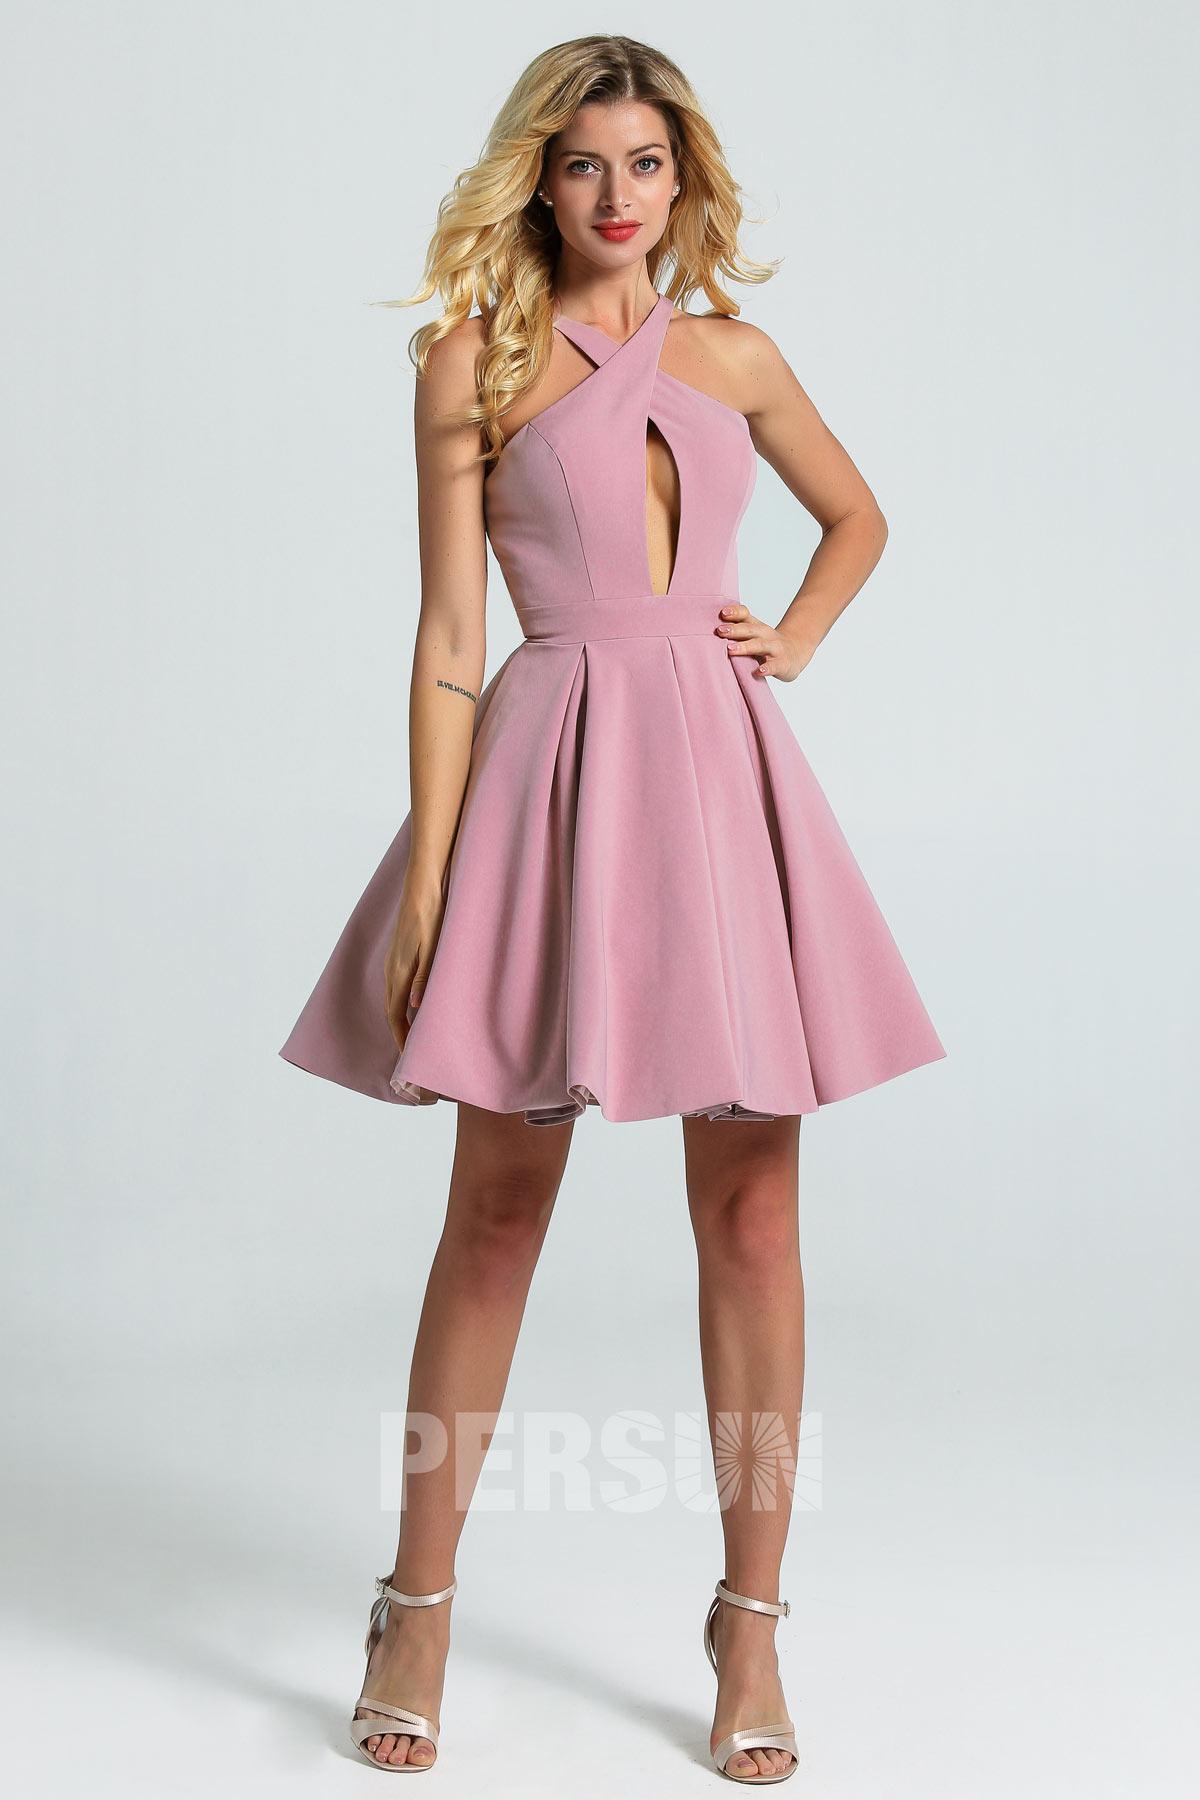 robe cocktail courte jersey rose parme col halter croisé jupe évasée